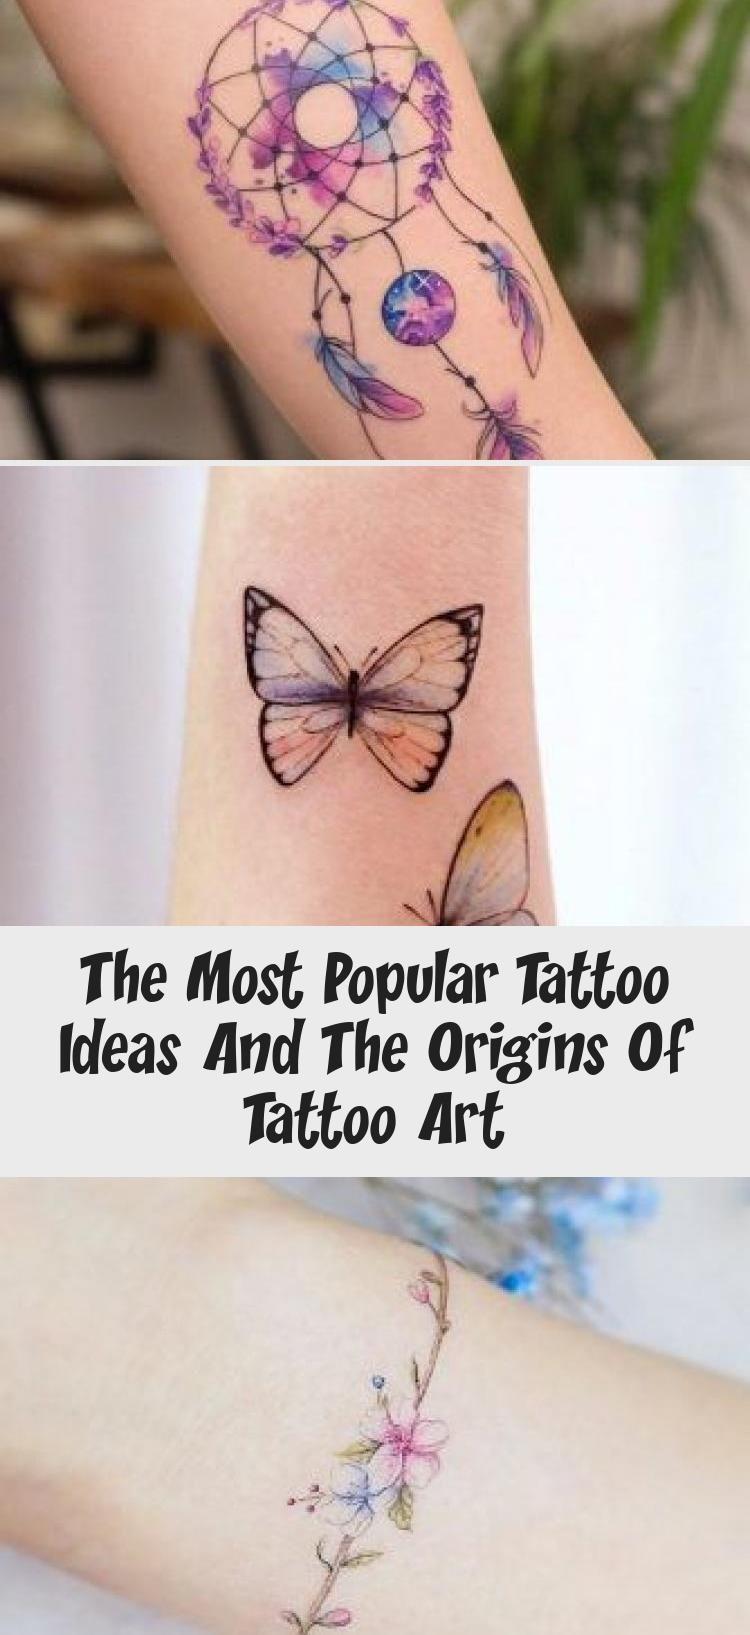 Photo of Les idées de tatouage les plus populaires et les origines de l'art du tatouage – Tatouages et art corporel